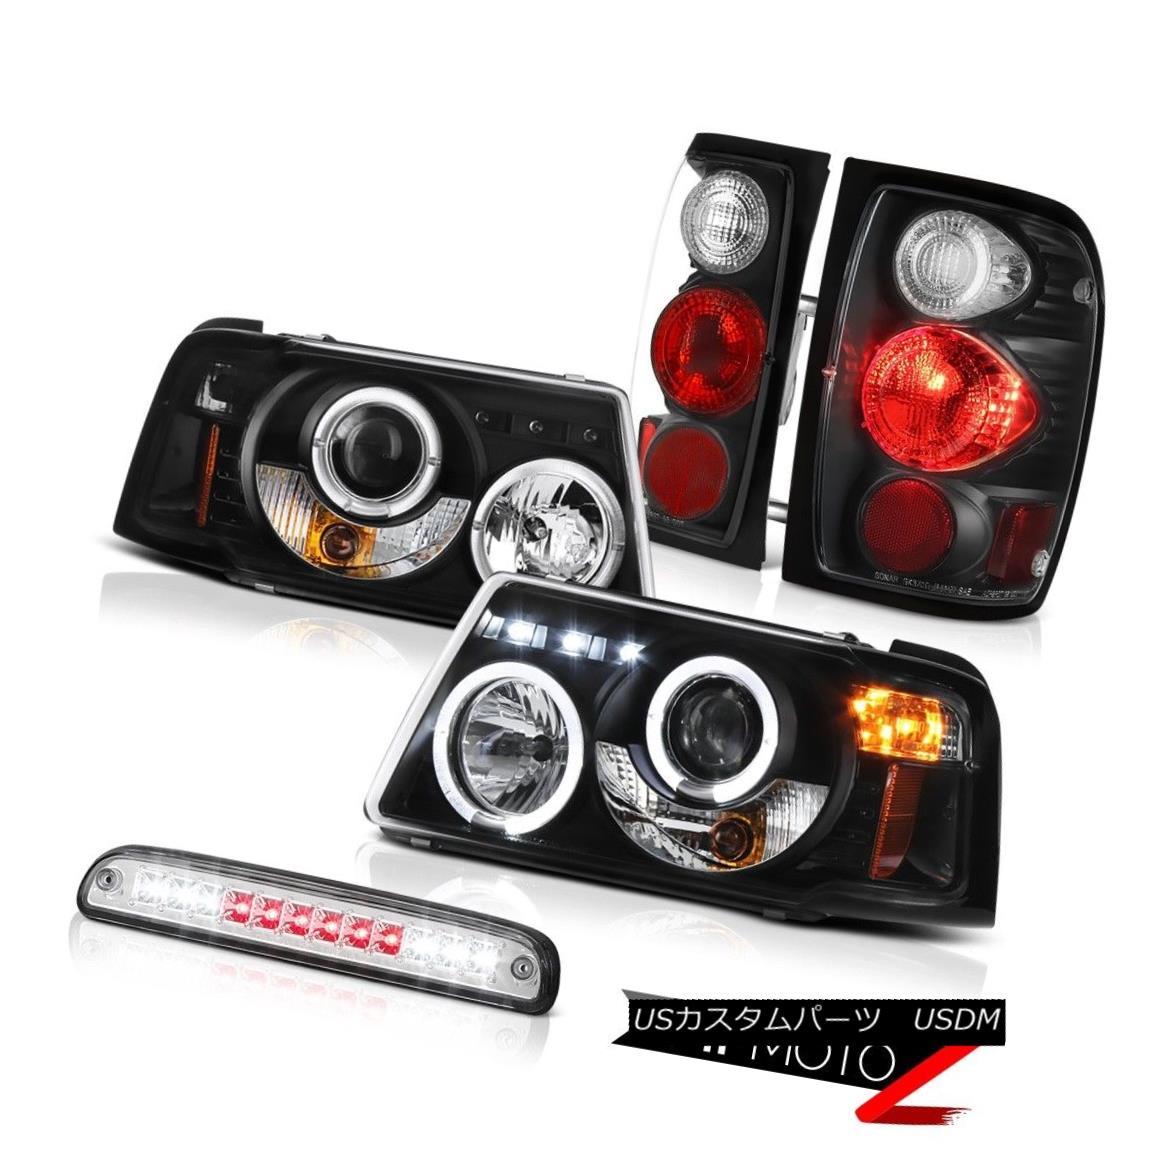 ヘッドライト Dual Angle Eye Headlights Tail Lights Brake Chrome Third LED 01-11 Ranger 2.3L デュアルエンジェルアイヘッドライトテールライトブレーキクローム第3 LED 01-11レンジャー2.3L